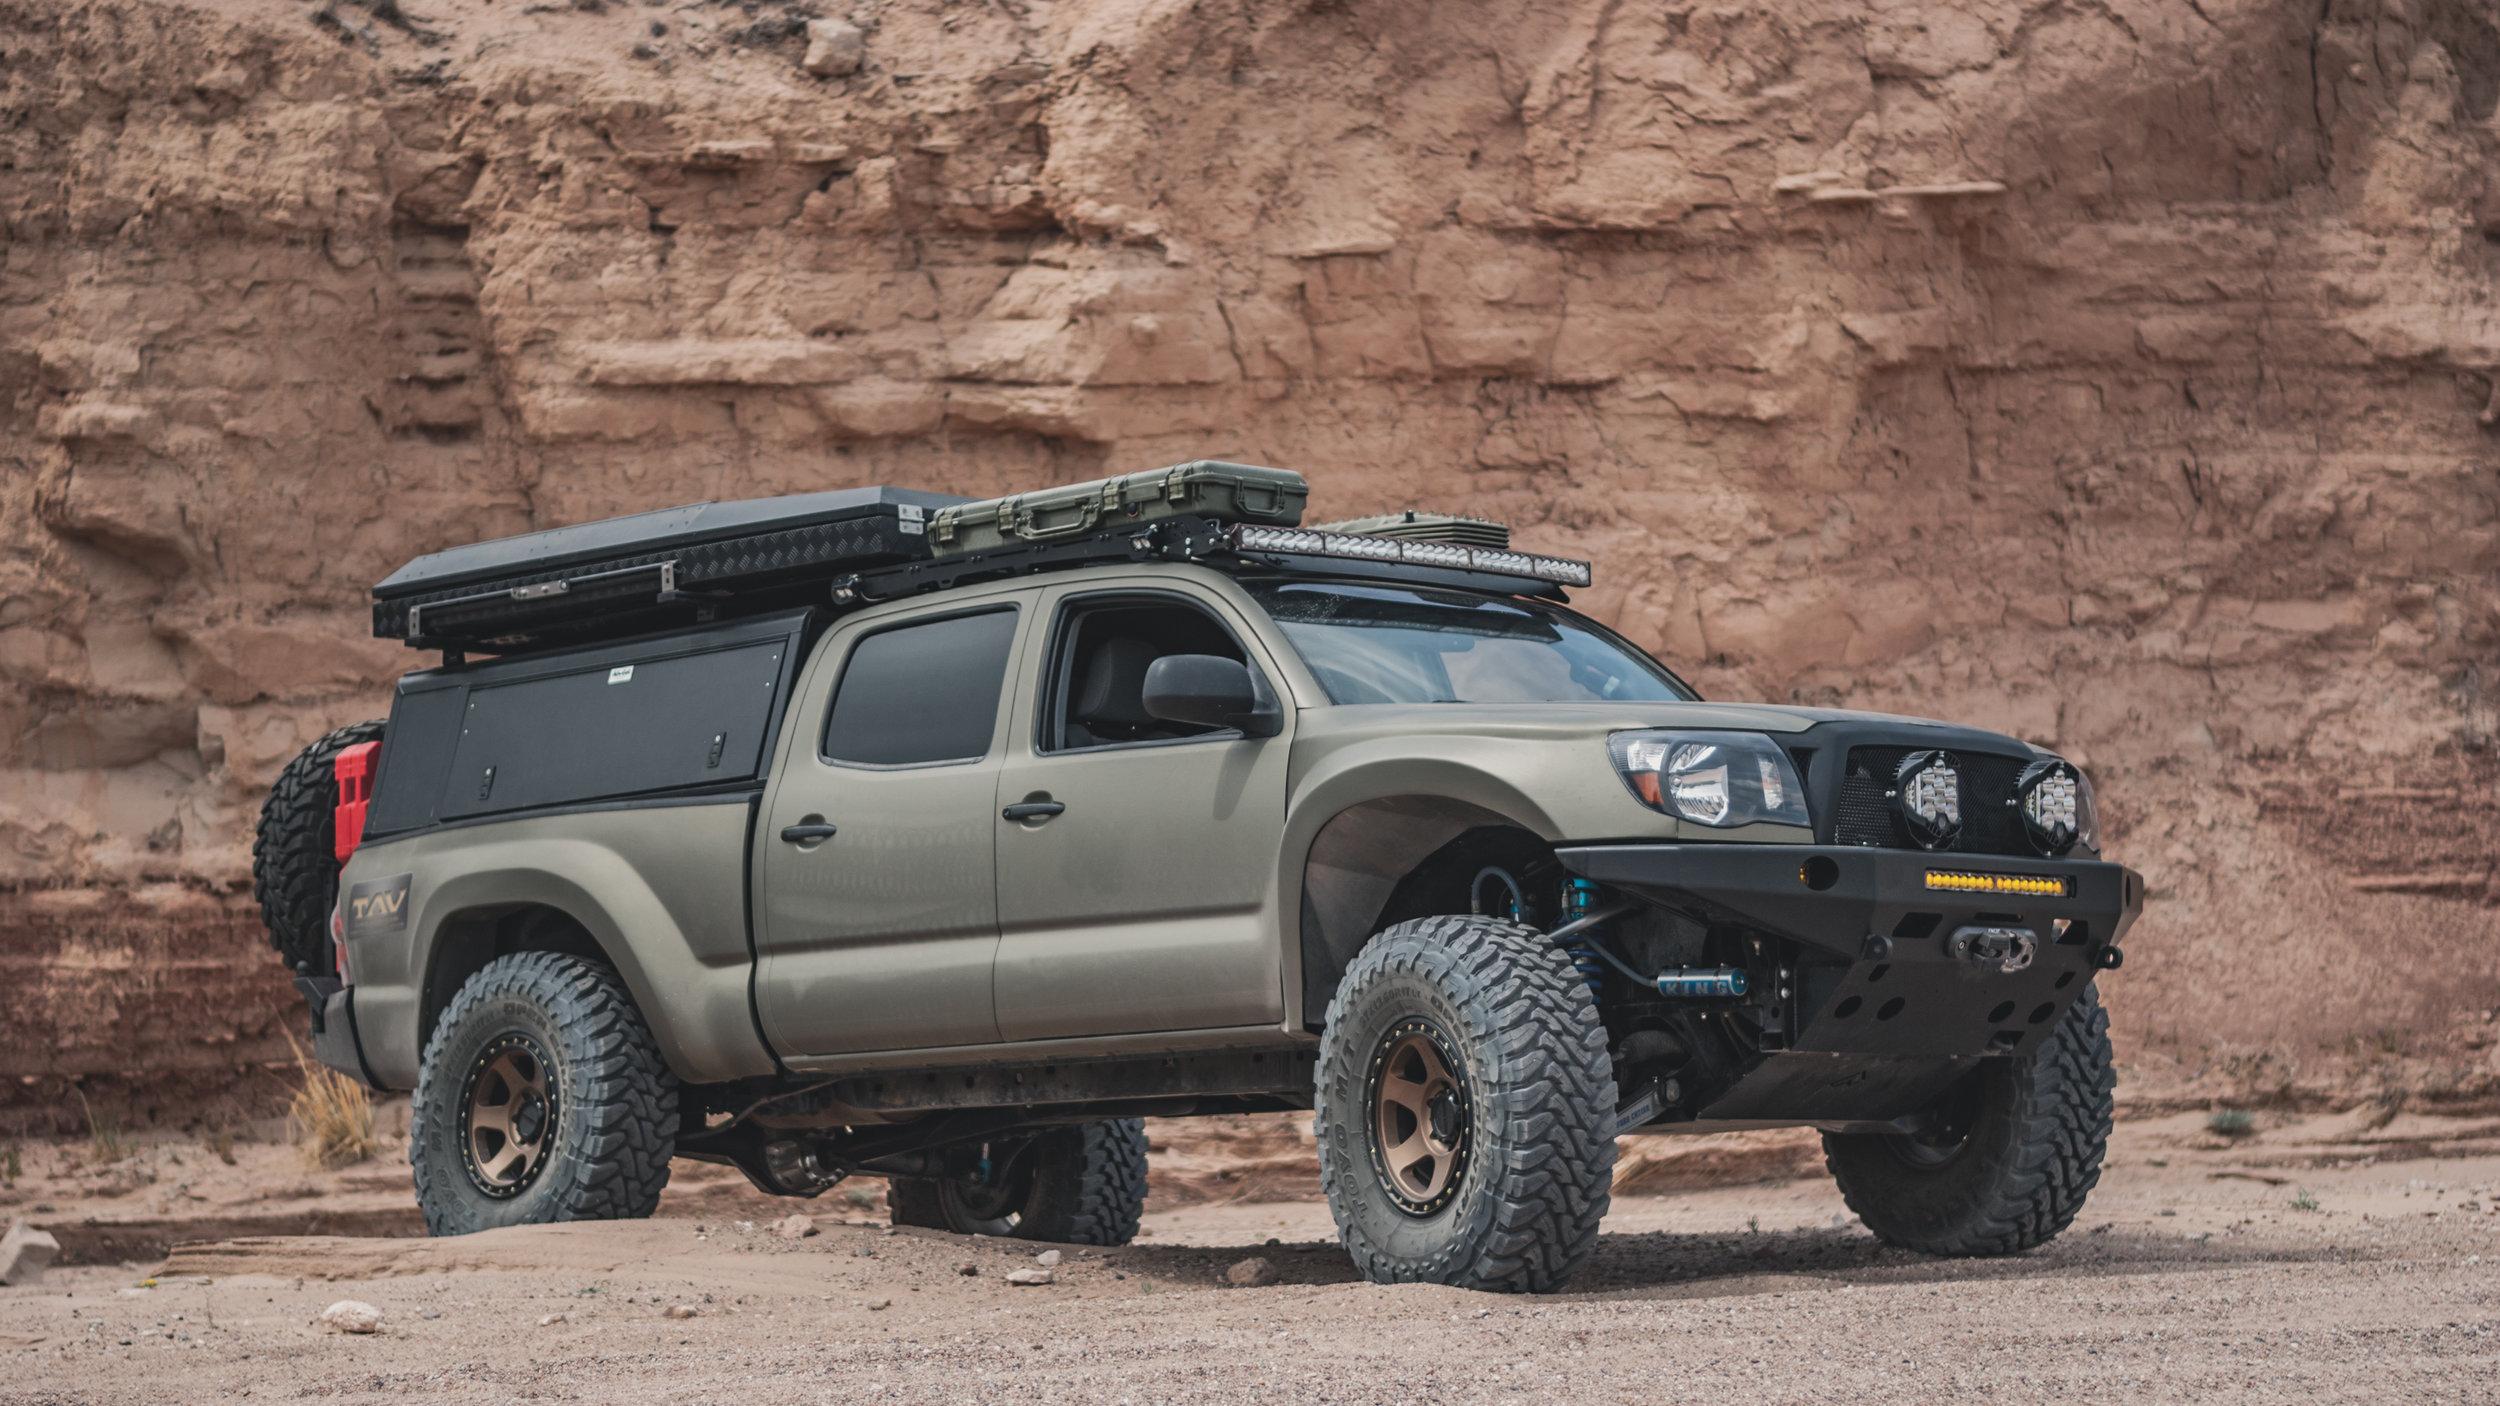 Alu Cab Explorer Truck Topper Tactical Application Vehicles